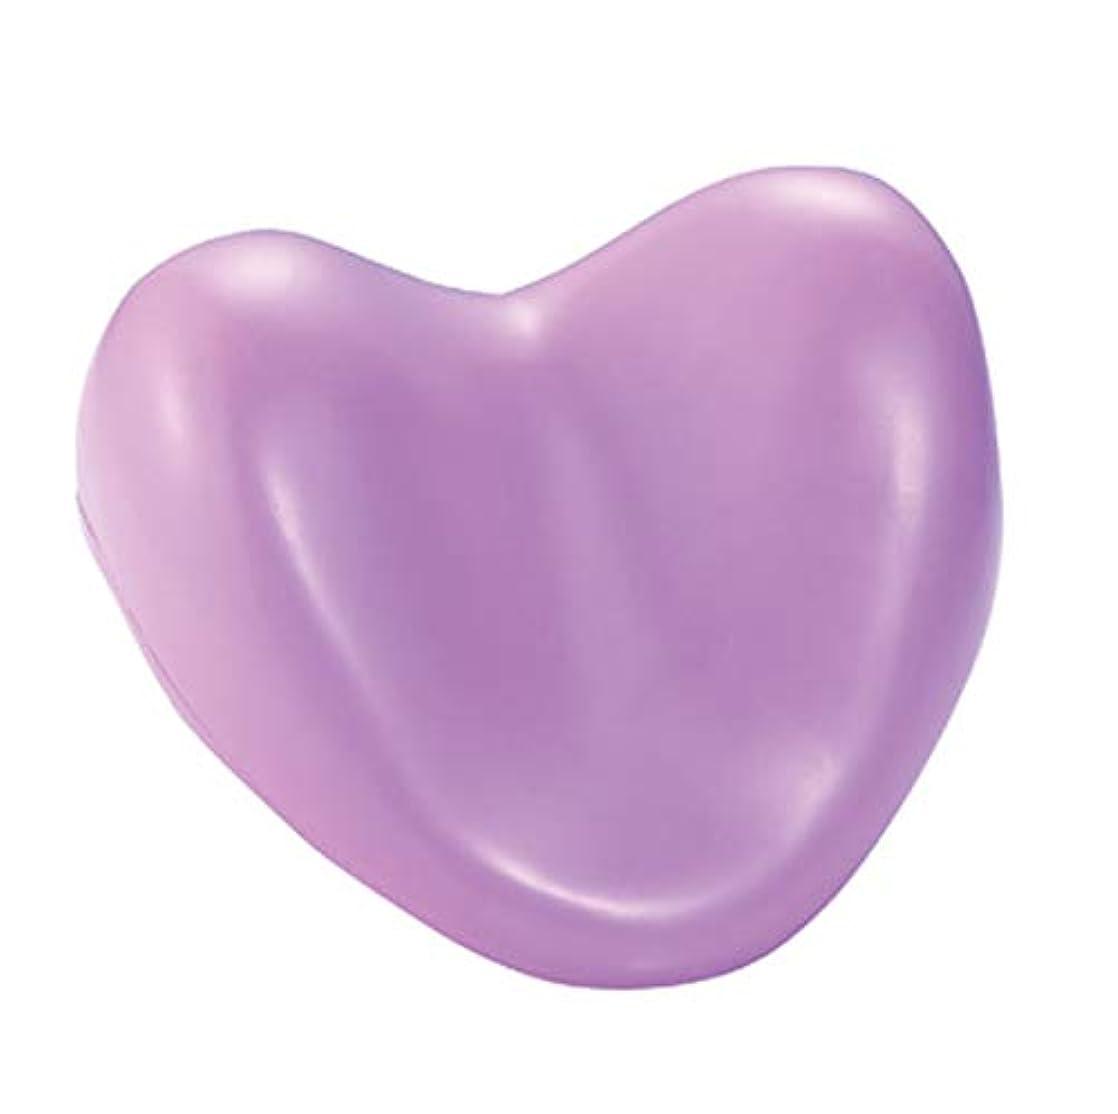 キャリア会員獲物サクションカップ付きウェルネスバスピローハート型PUフォームサポート枕温水浴槽とスパ浴槽,Purple